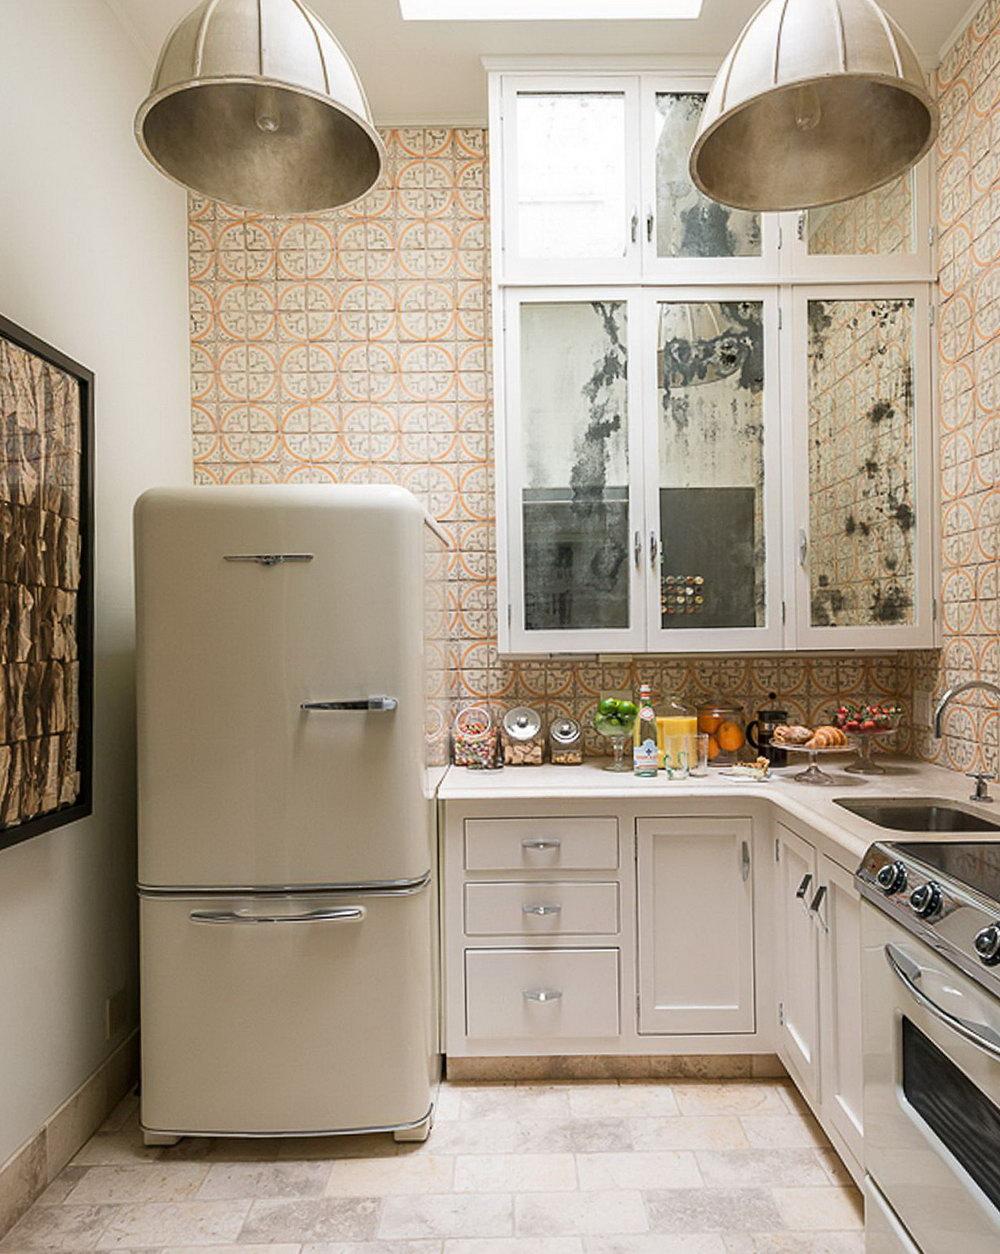 Retro Kitchen Cabinets For Sale